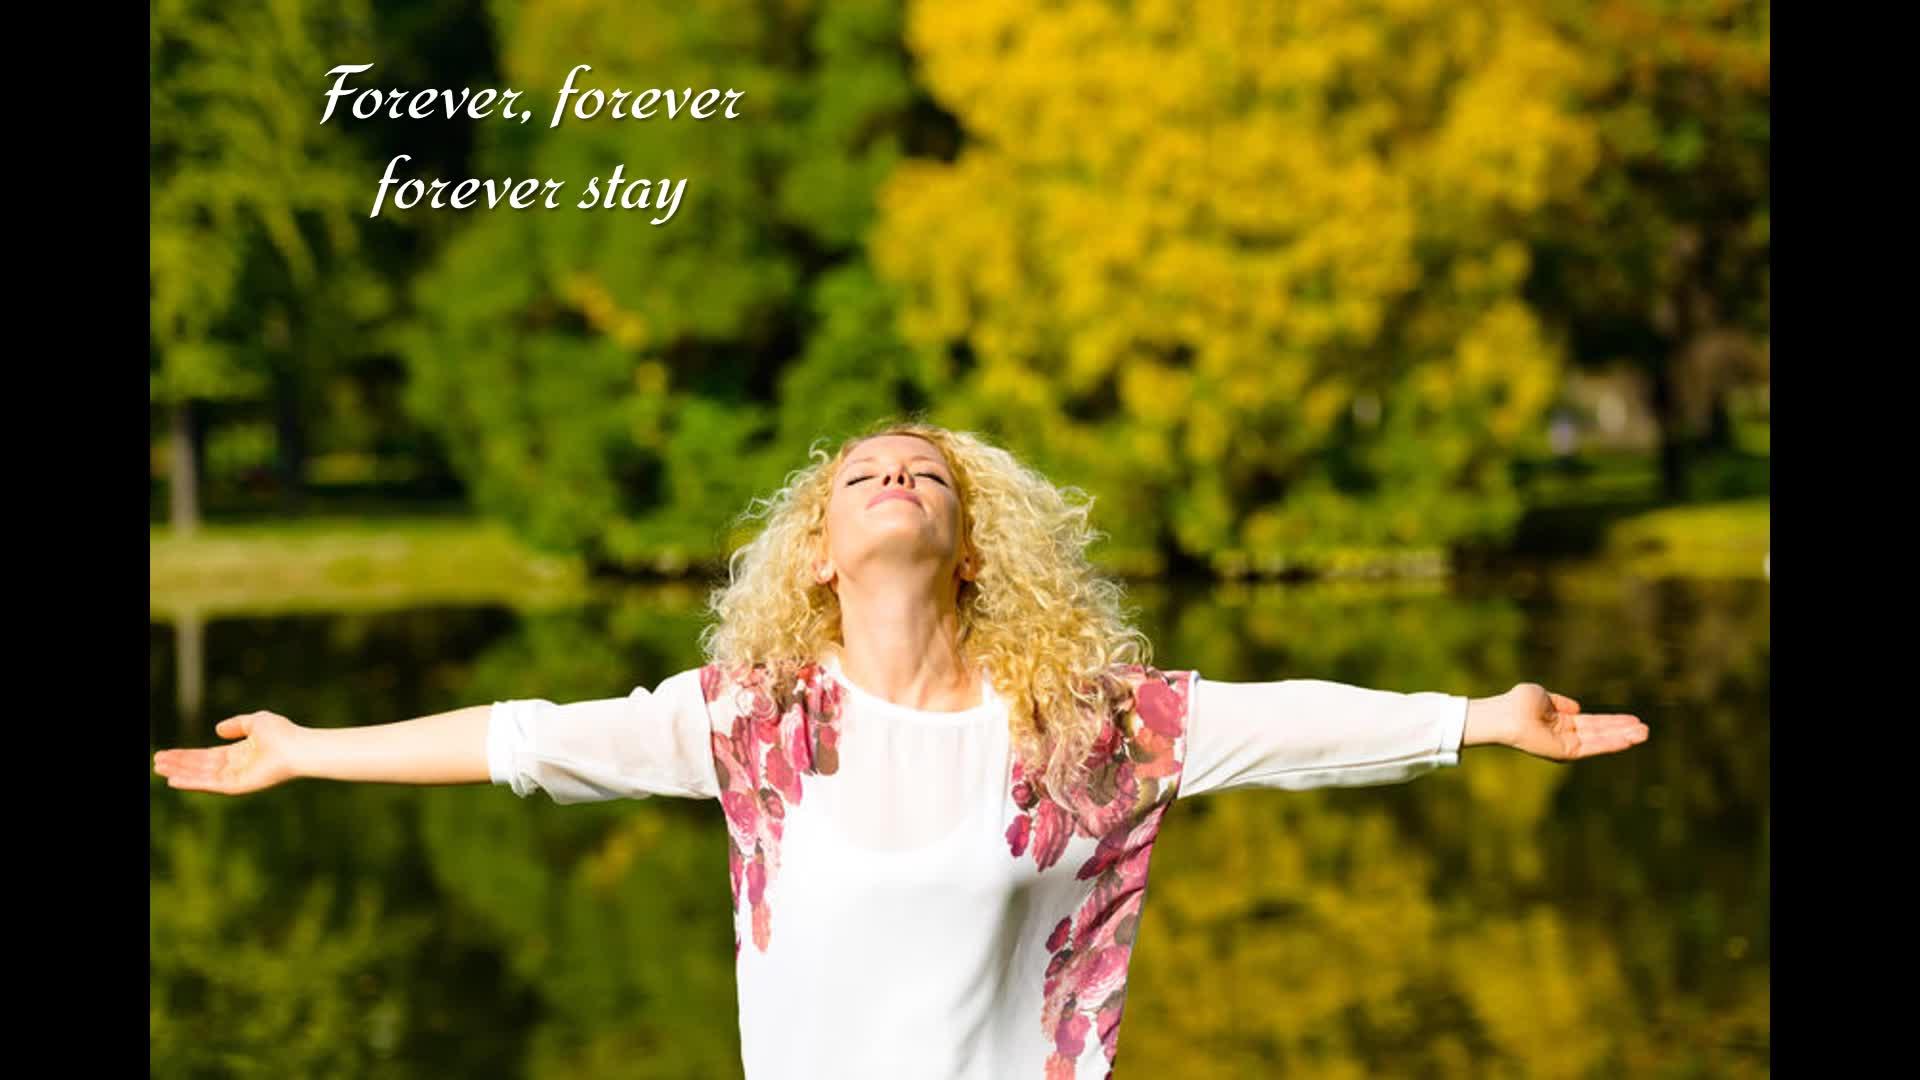 Laura Kaczor - Forever